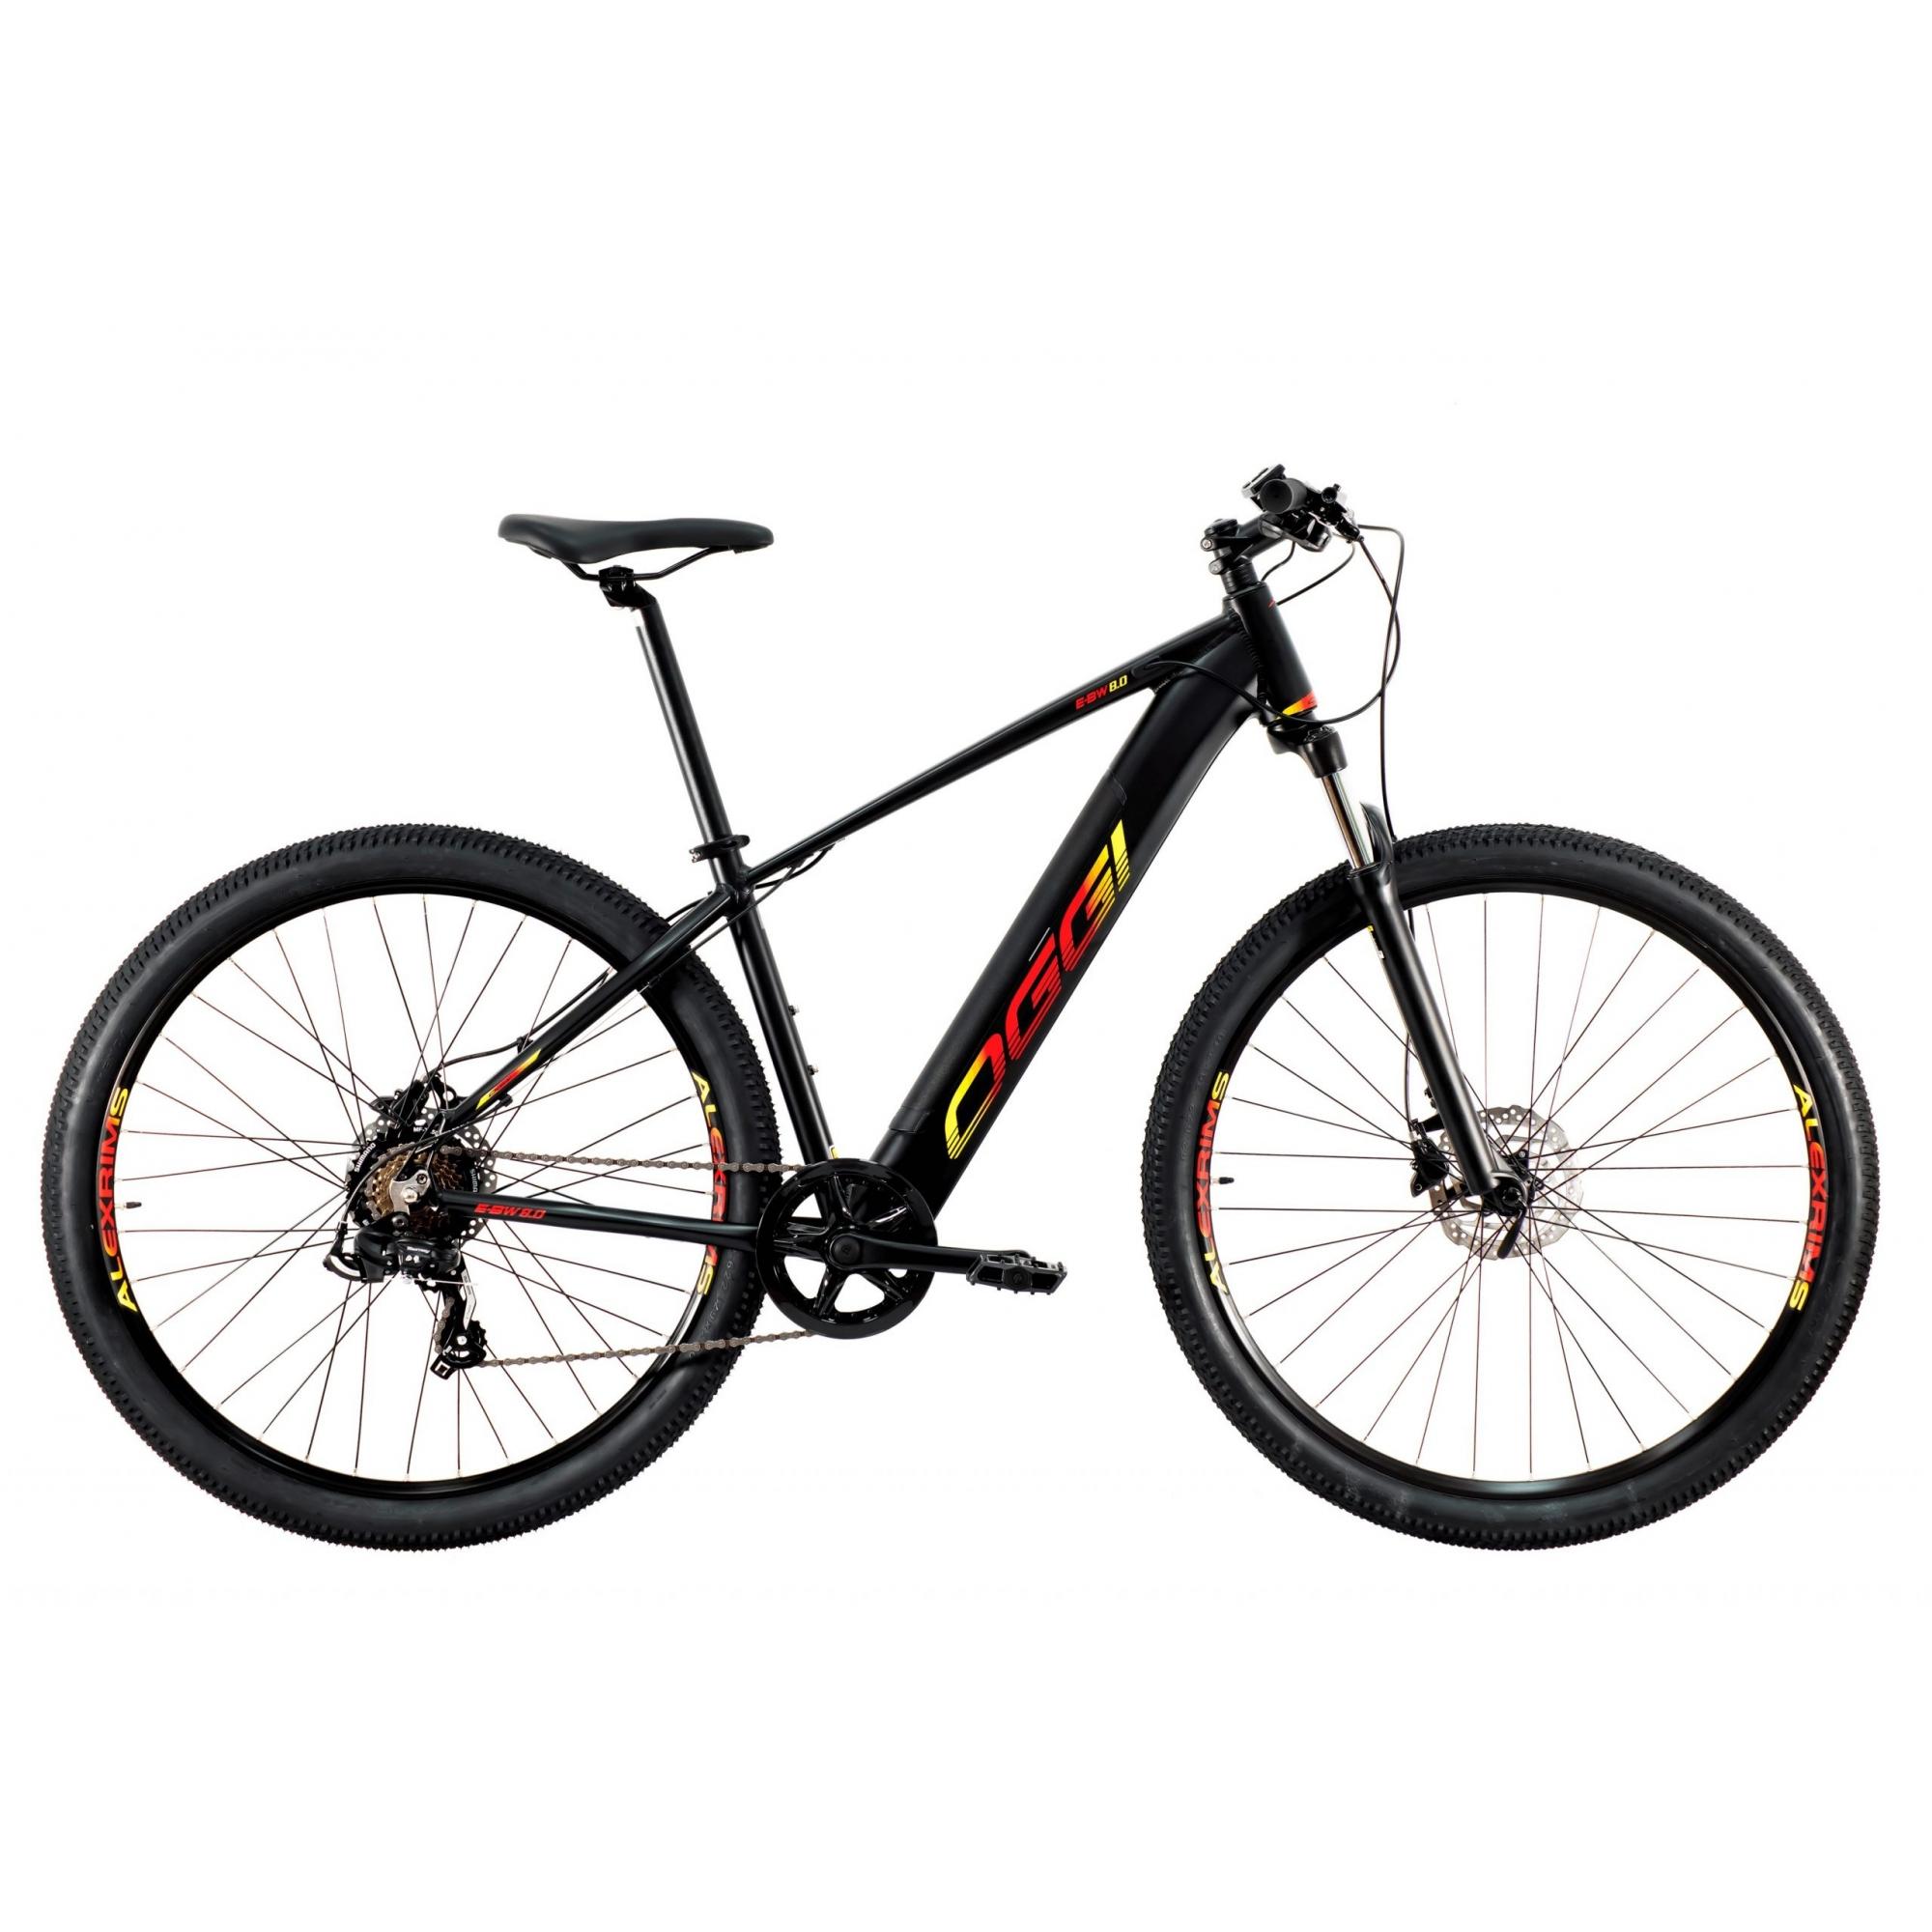 Bicicleta Elétrica Oggi Big Wheel 8.0 7V 2021 - Preto Vermelho e Amarelo